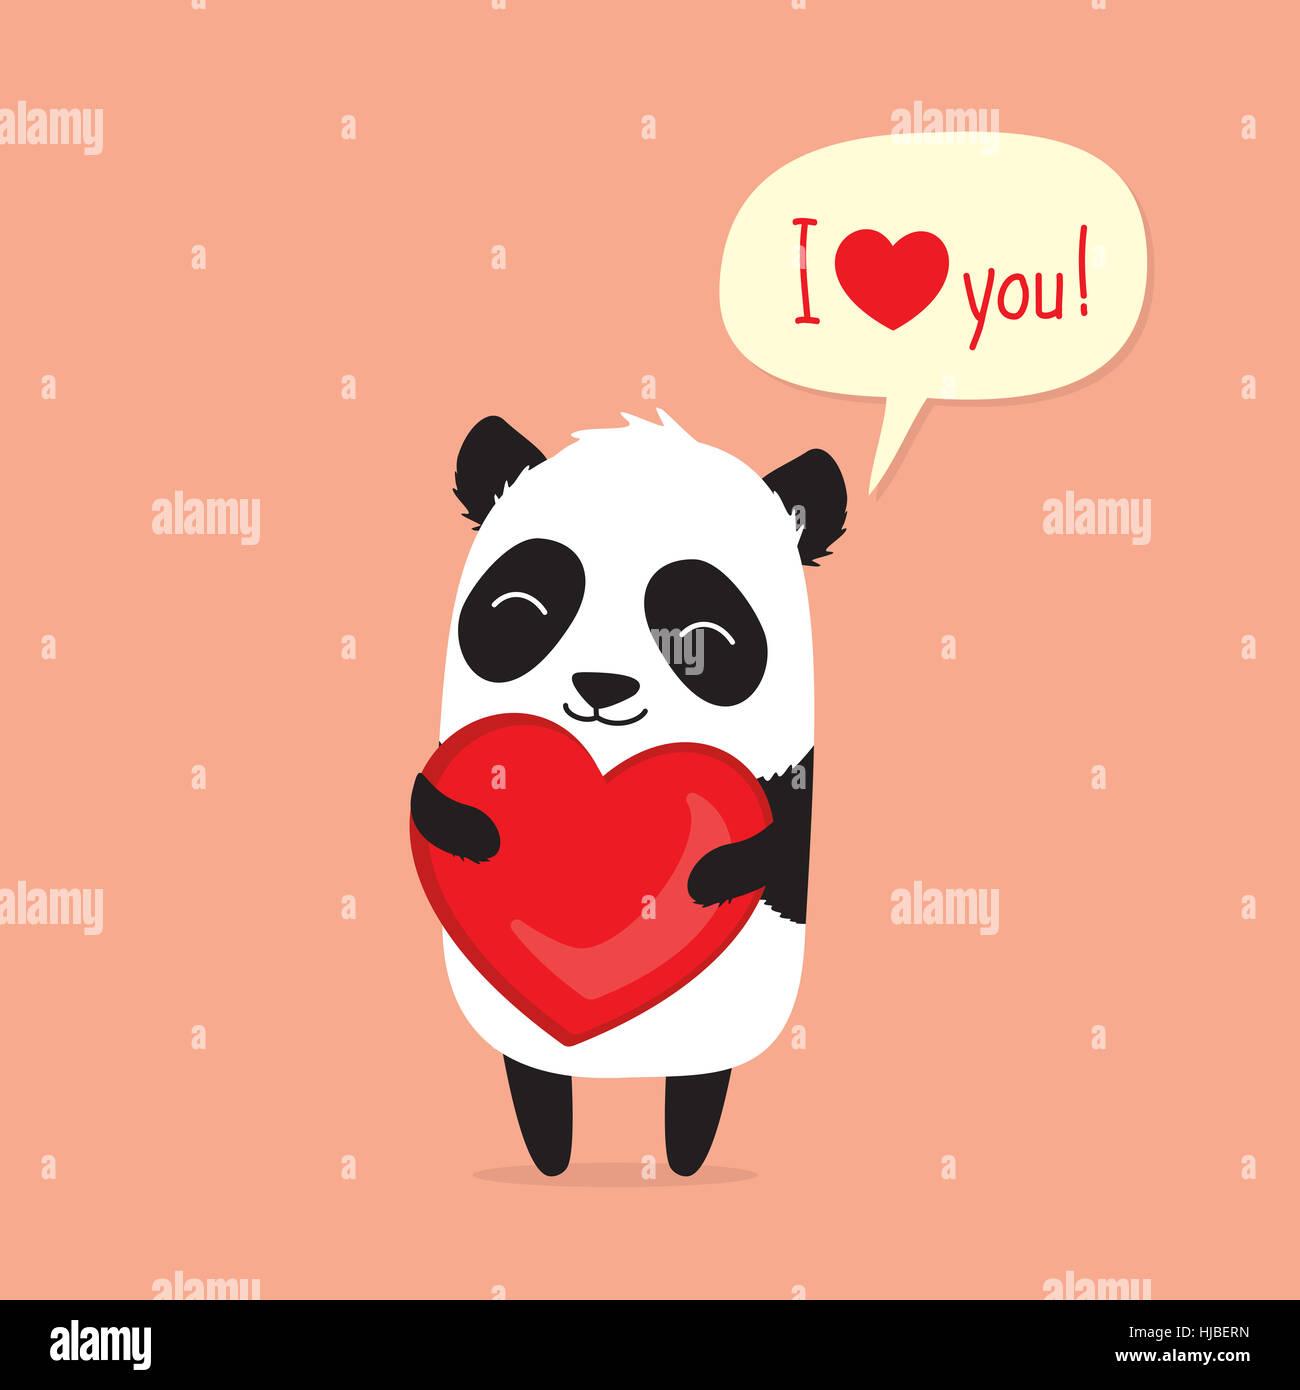 Niedlichen Cartoon Panda Halt Herz Und Sagt Ich Liebe Dich In Der